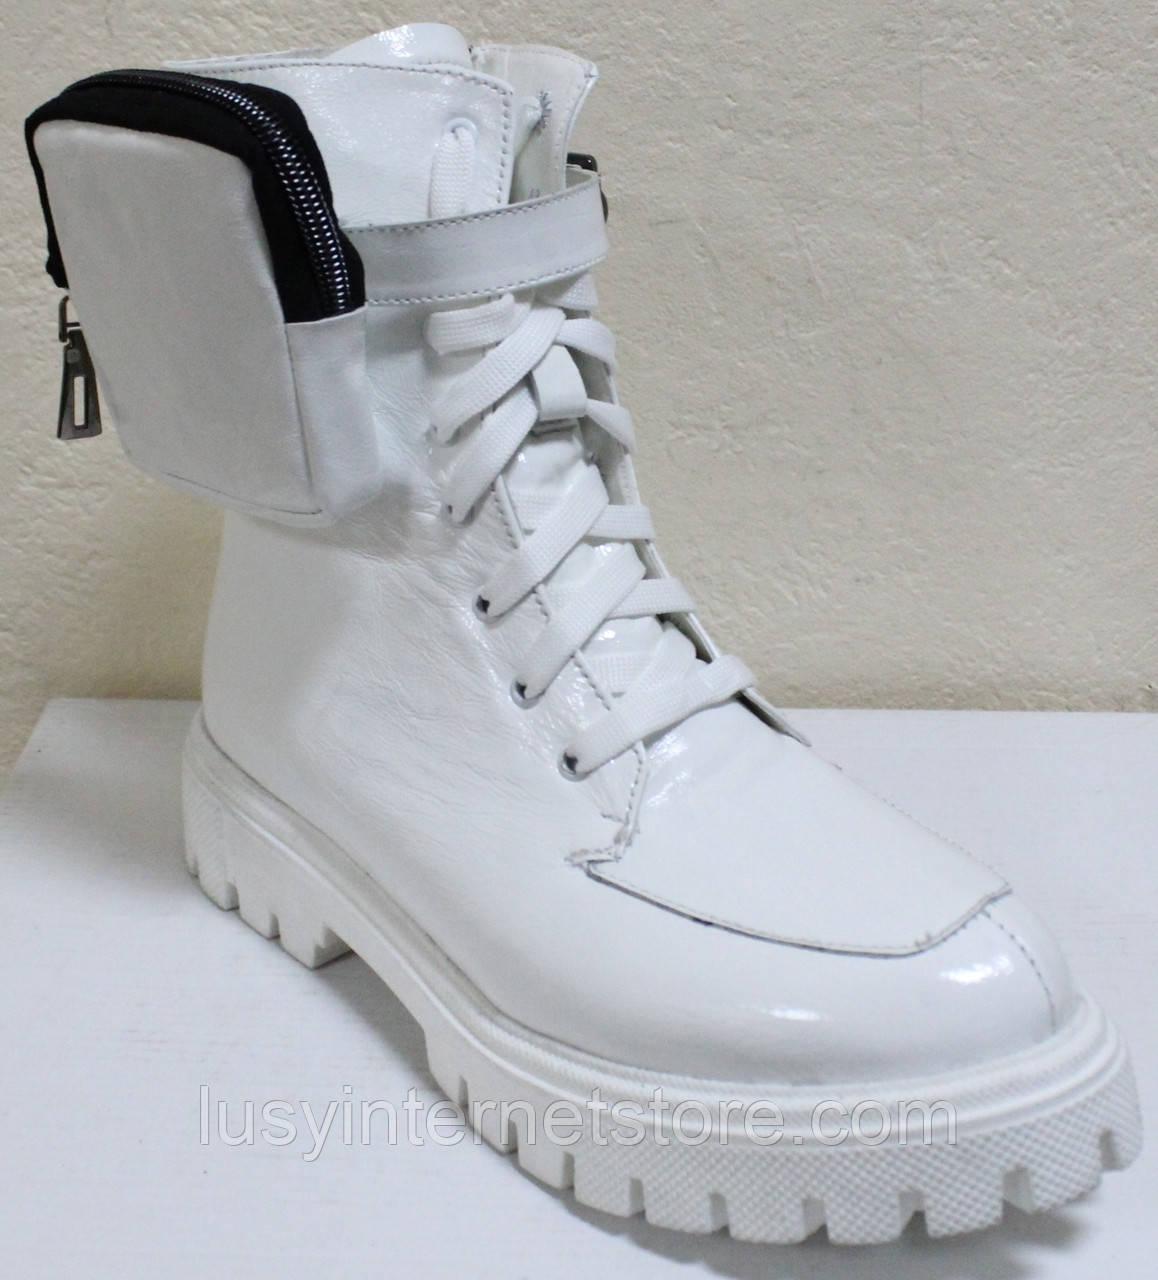 Ботинки высокие женские зимние кожаные от производителя модель КИС50-1